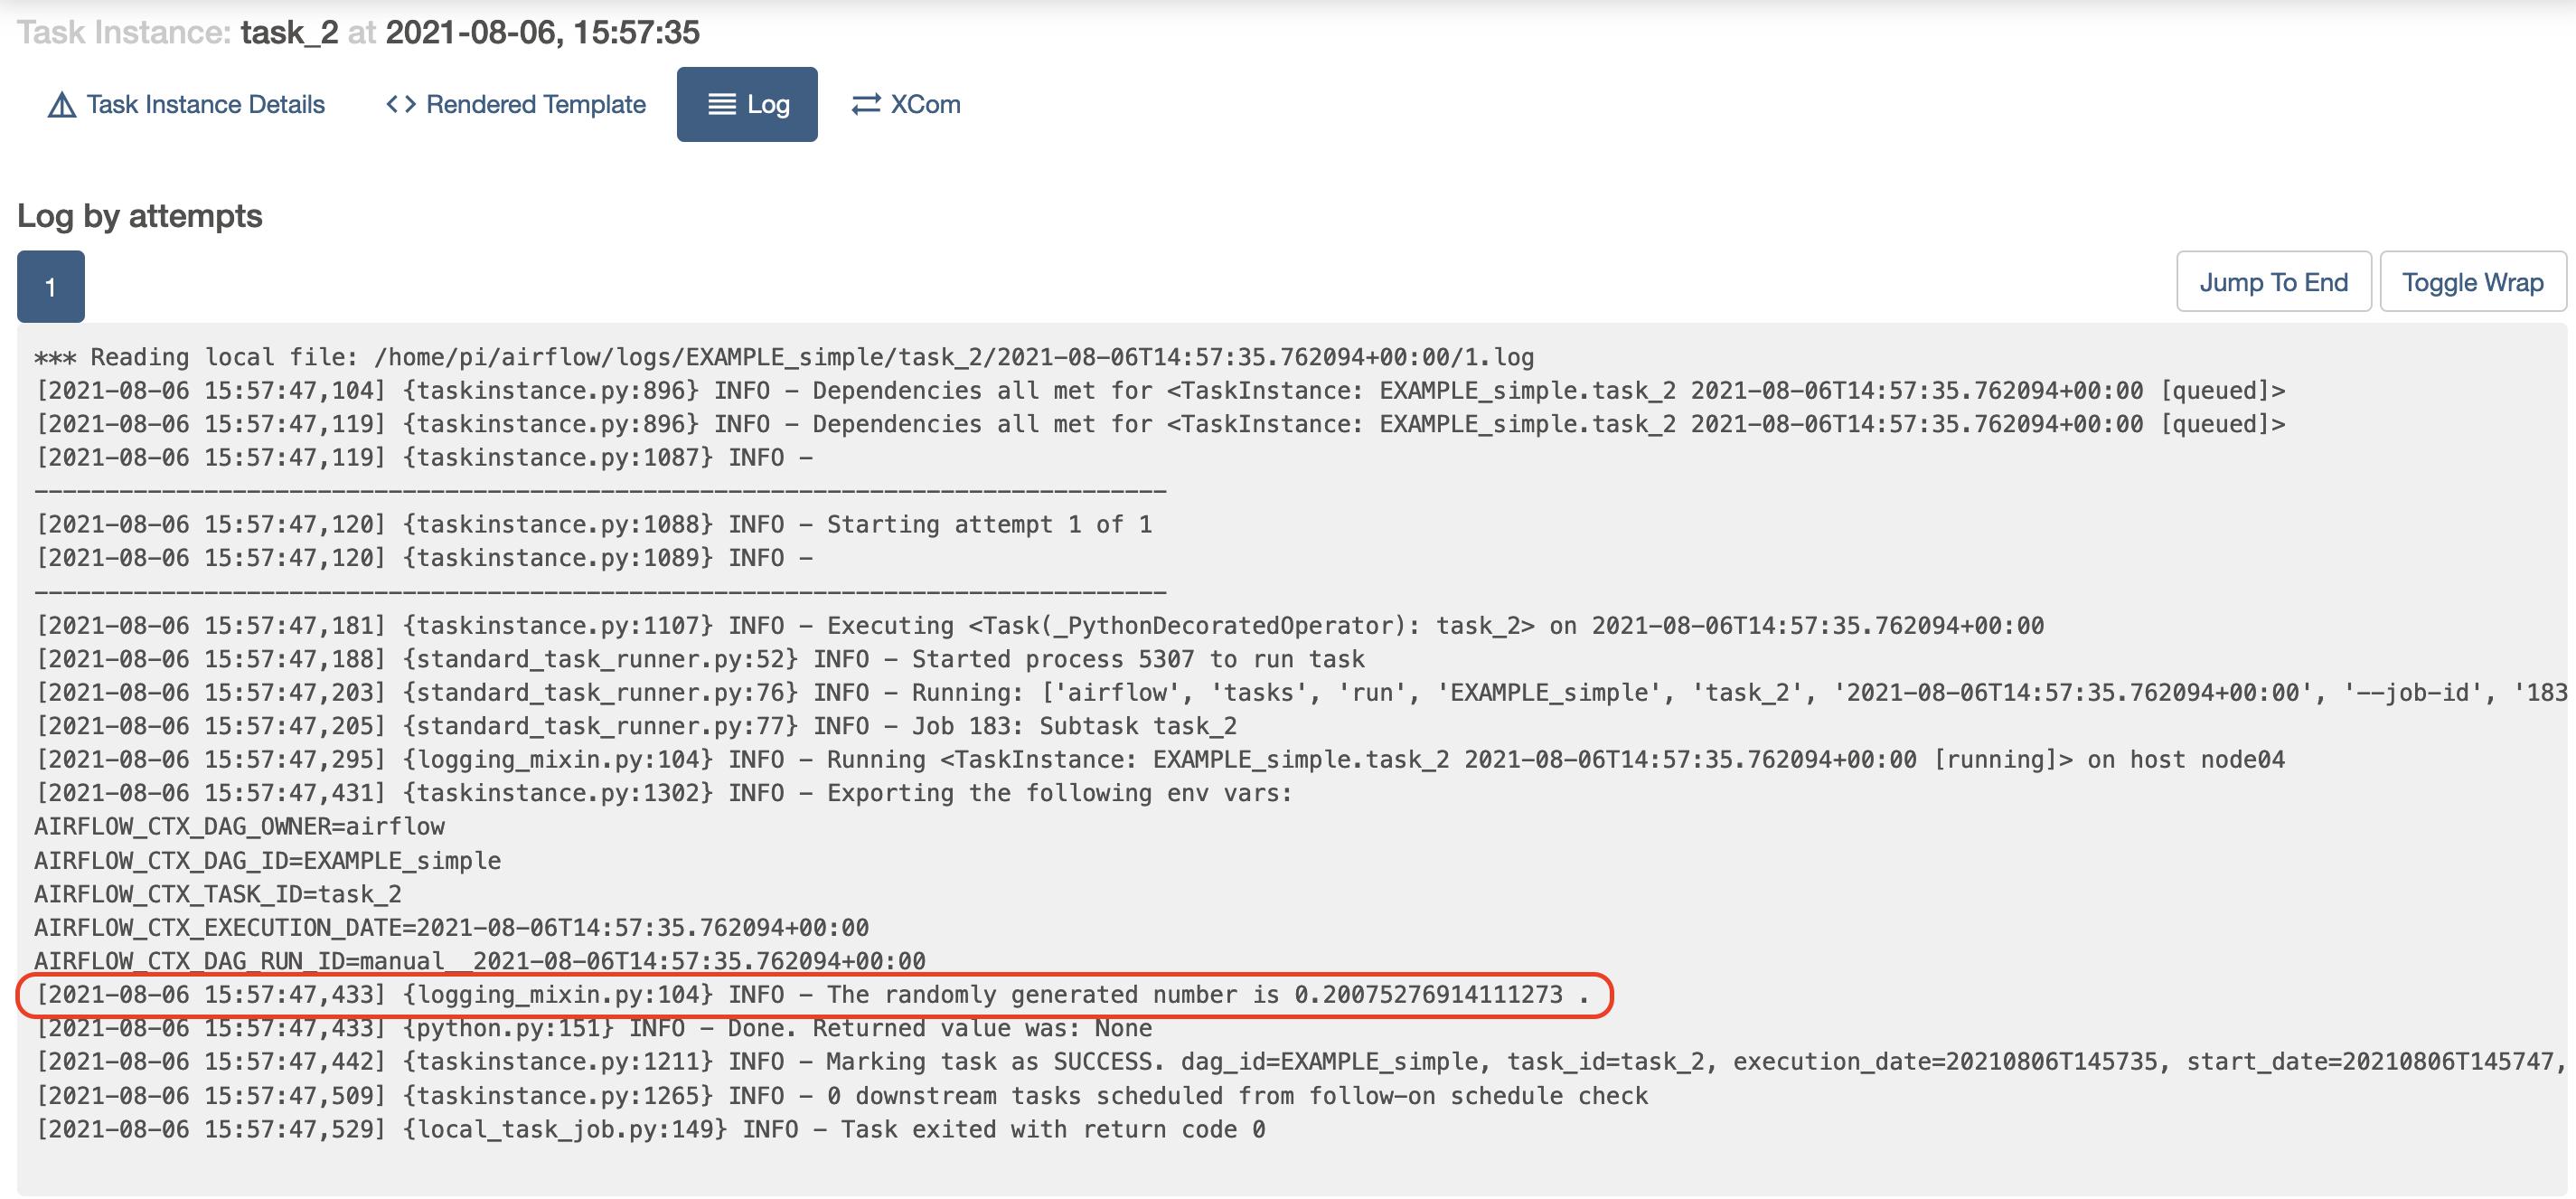 task_2 output log